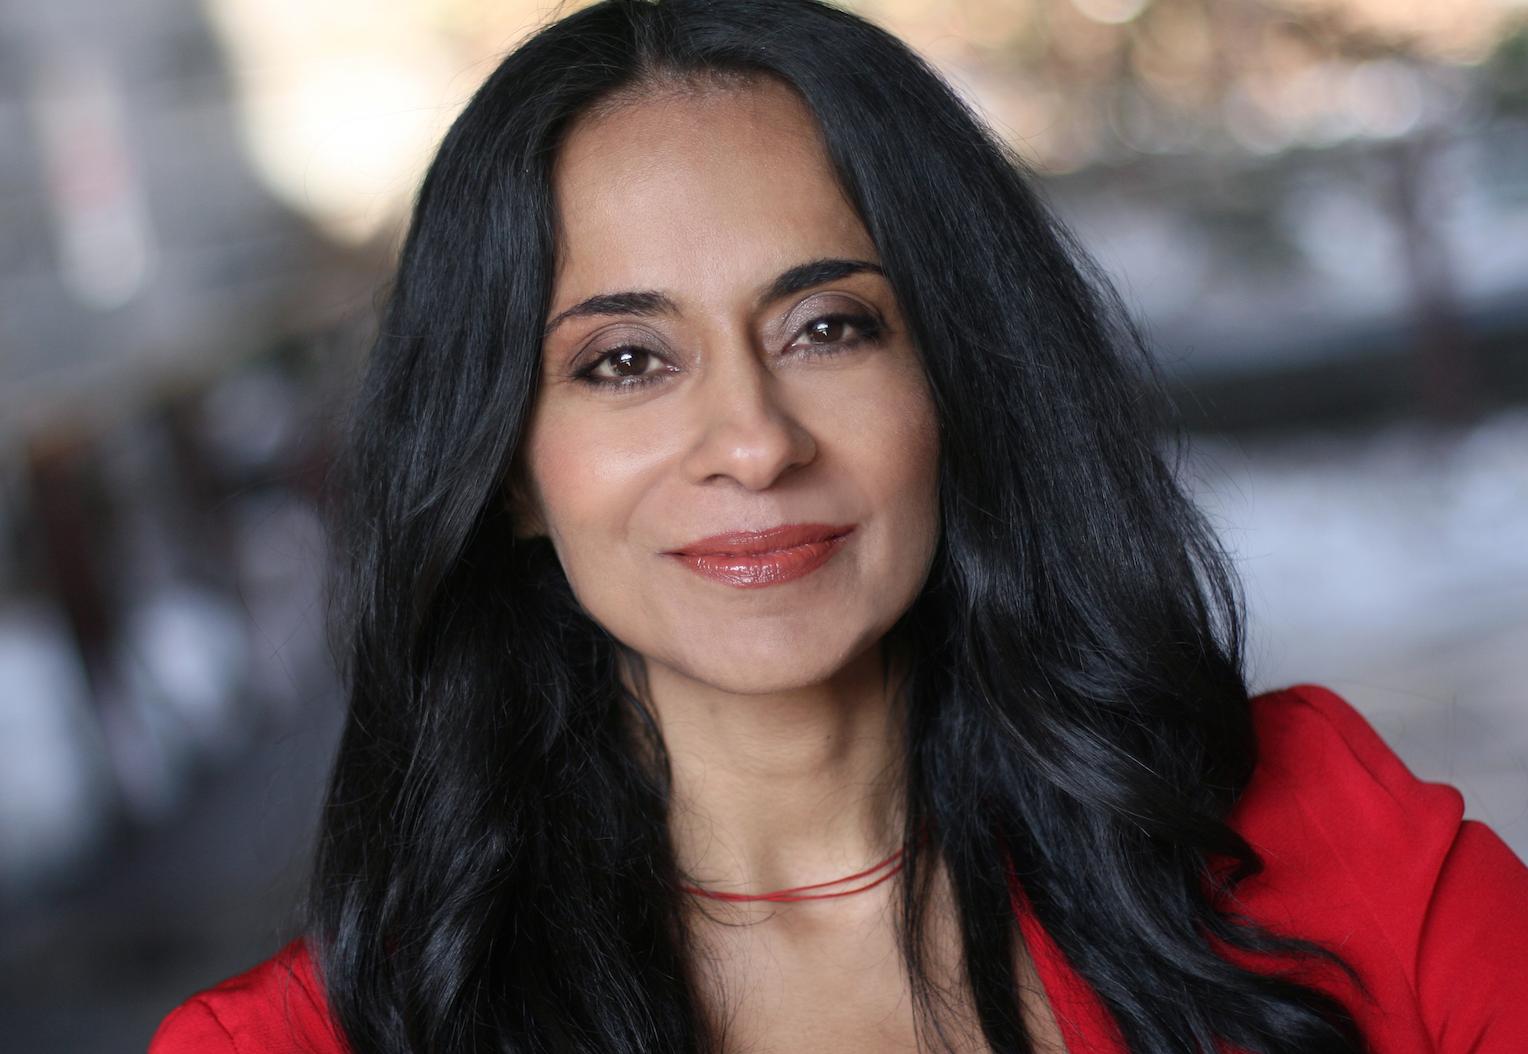 Dr. Karuna Sabnani Headshot - Red